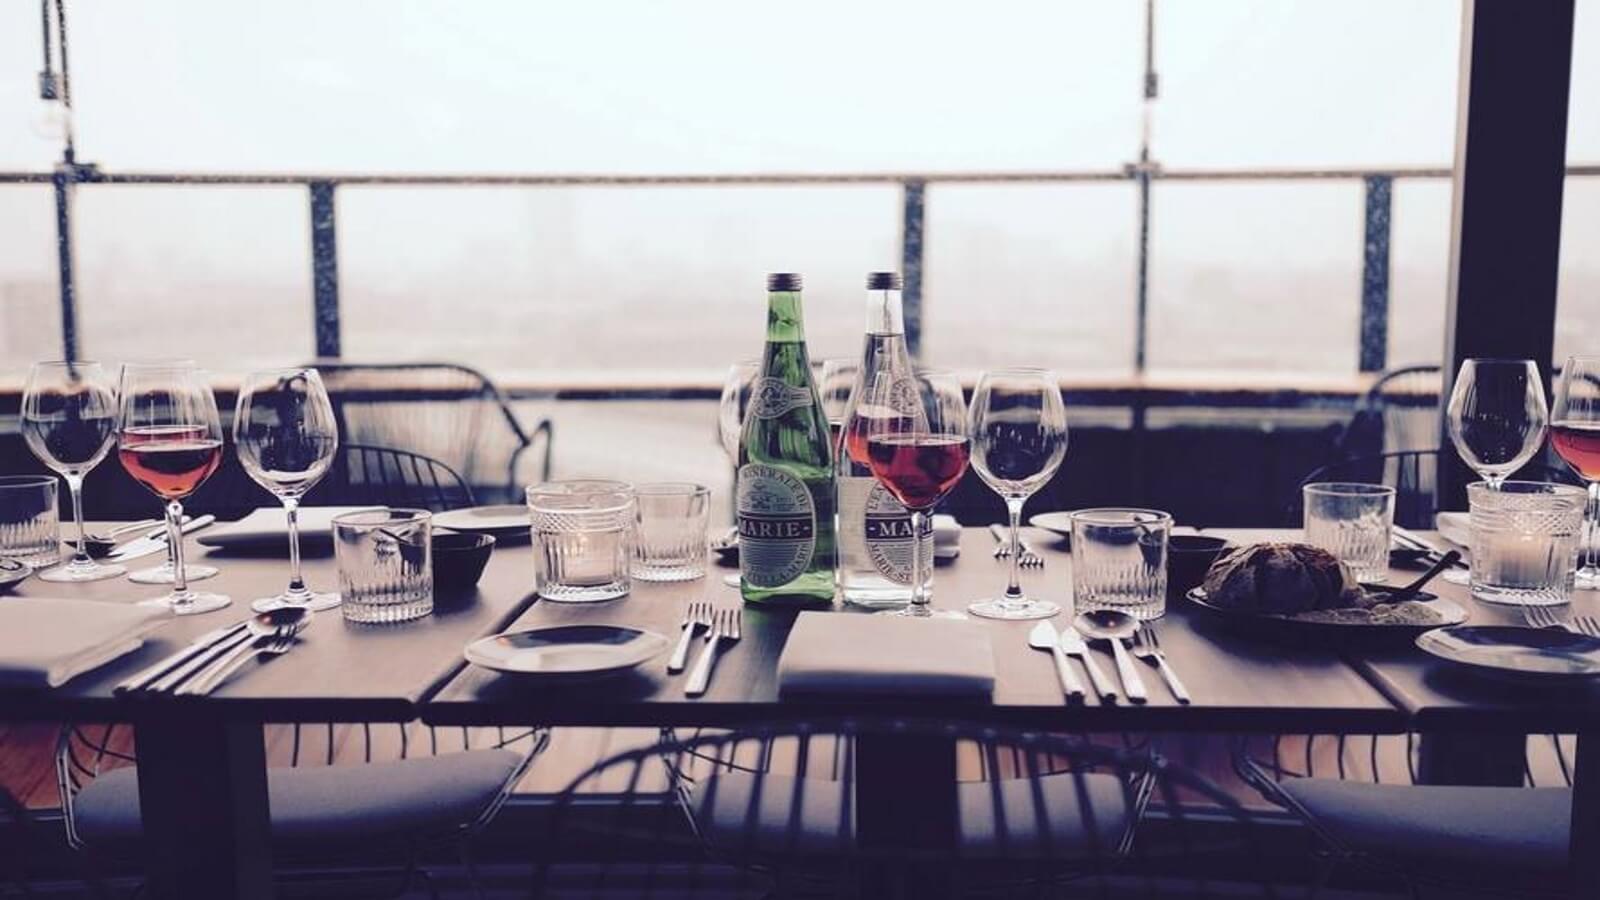 The Lavender Restaurant